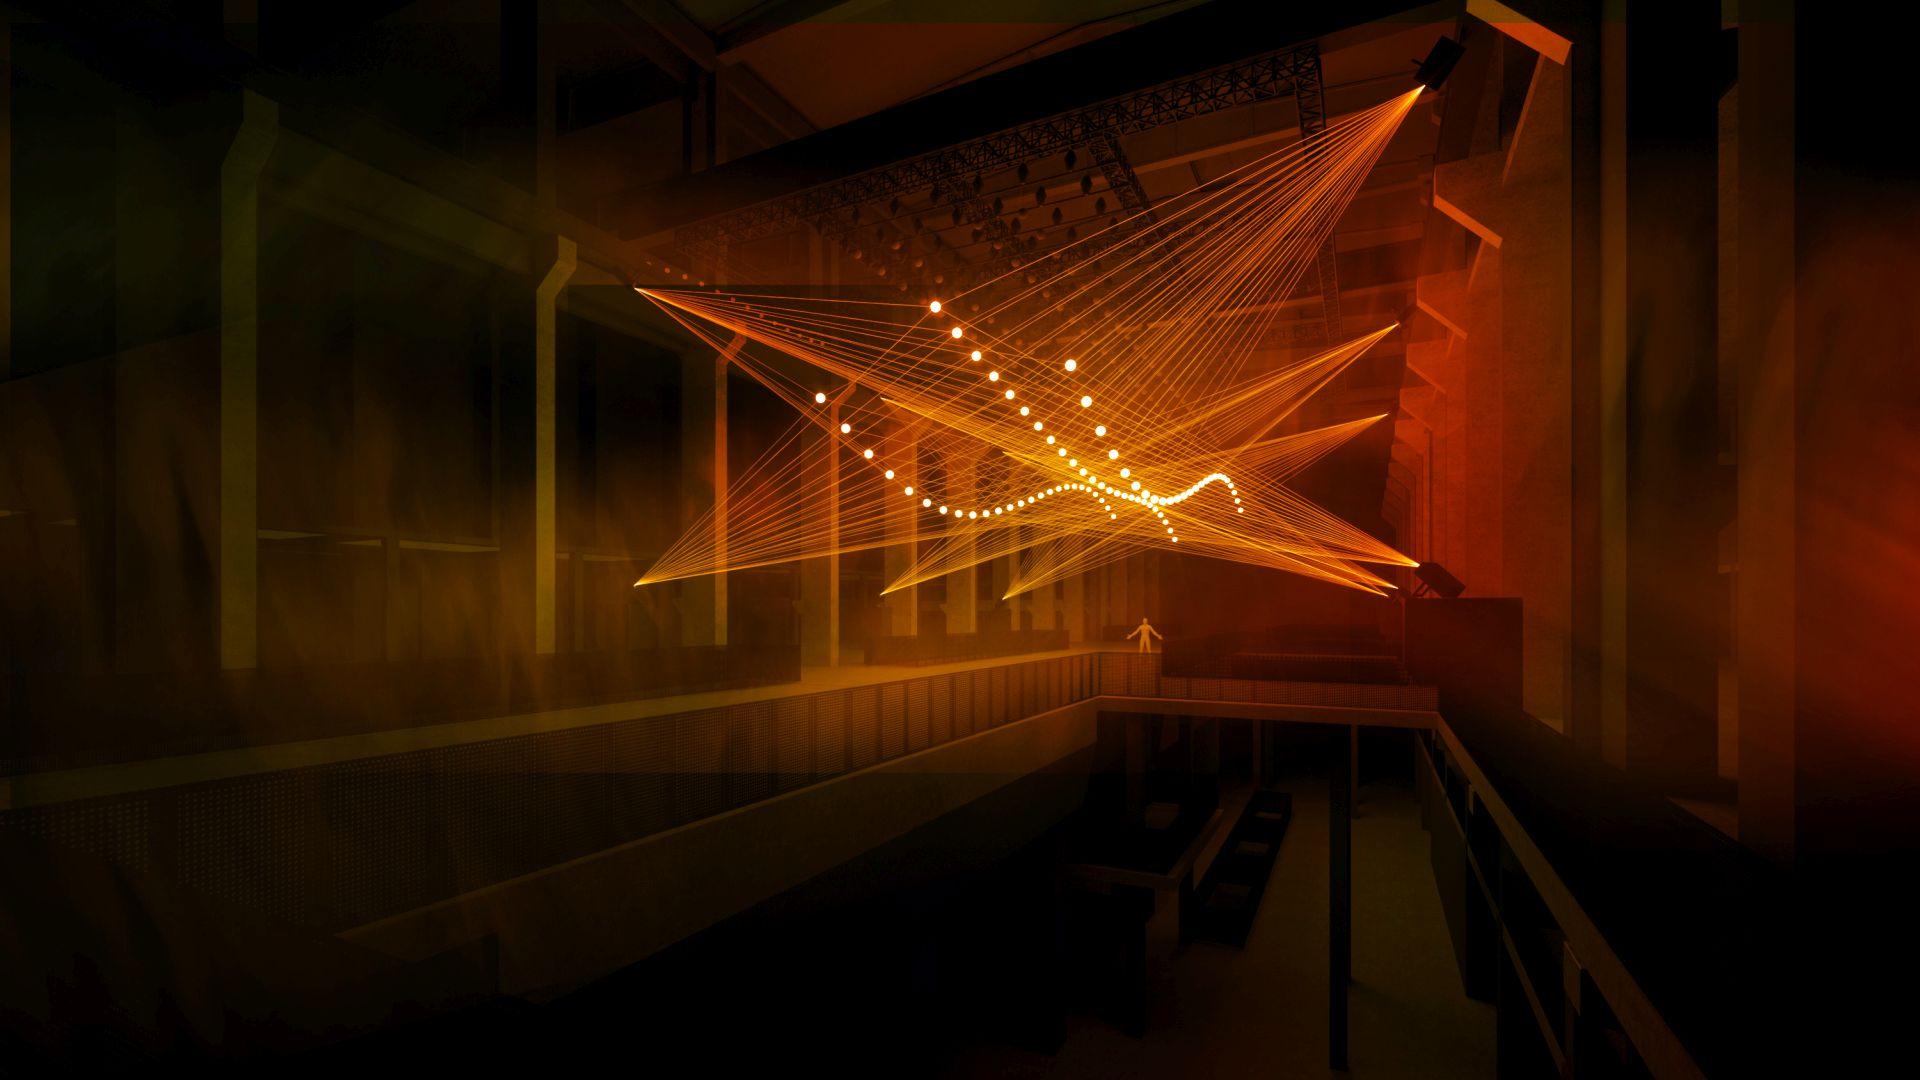 kraftwerk_deepweb_1920.jpg